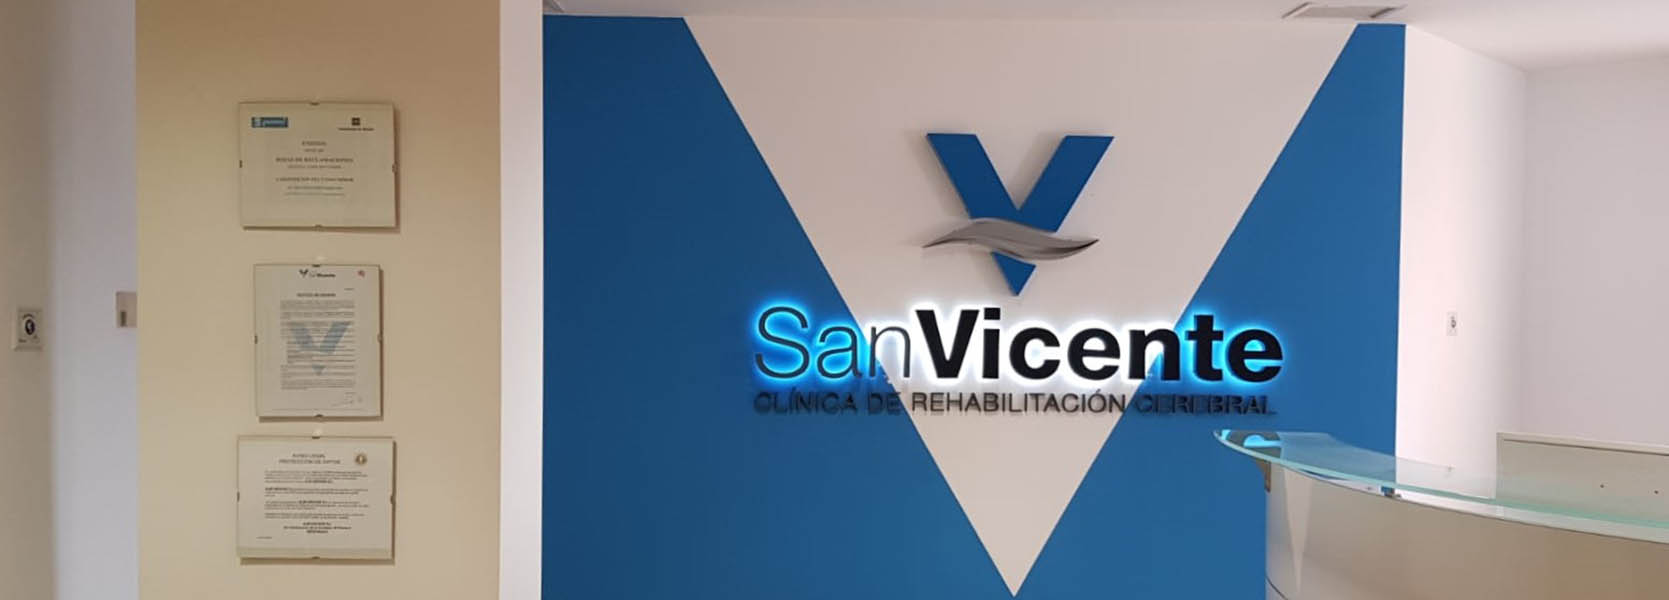 Clínica San Vicente